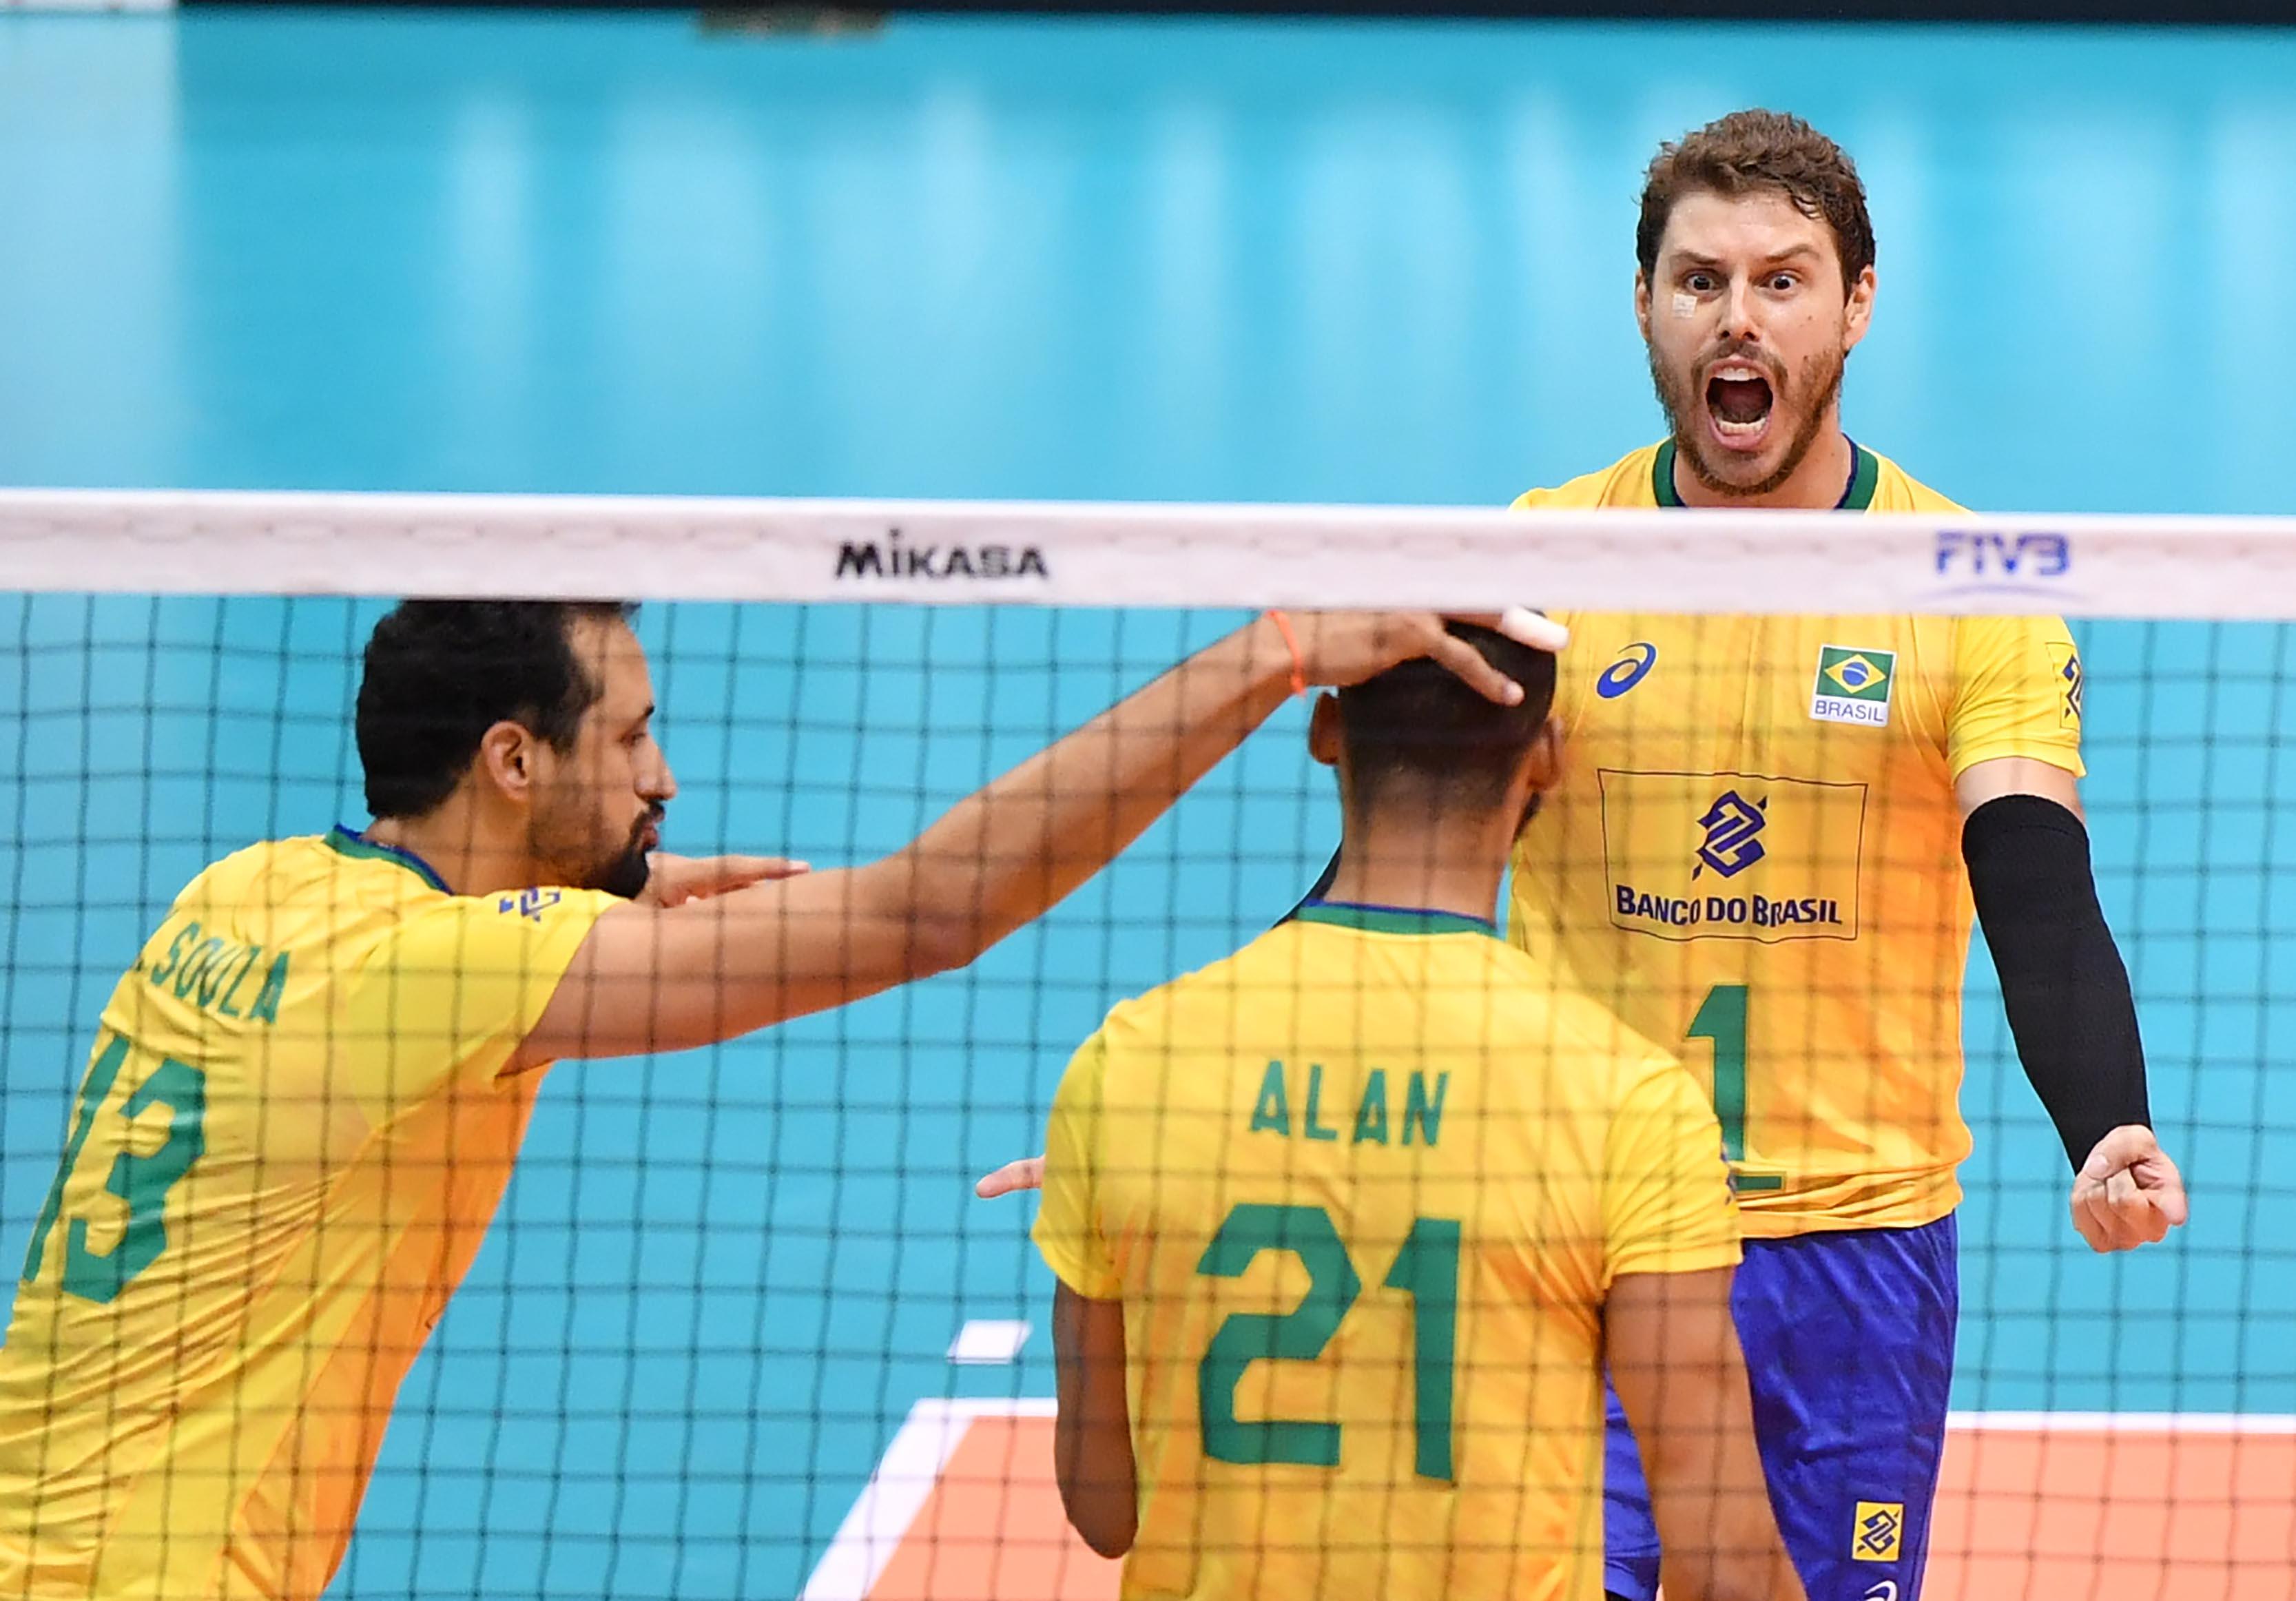 Brasil vence a Rússia por 3 sets a 0